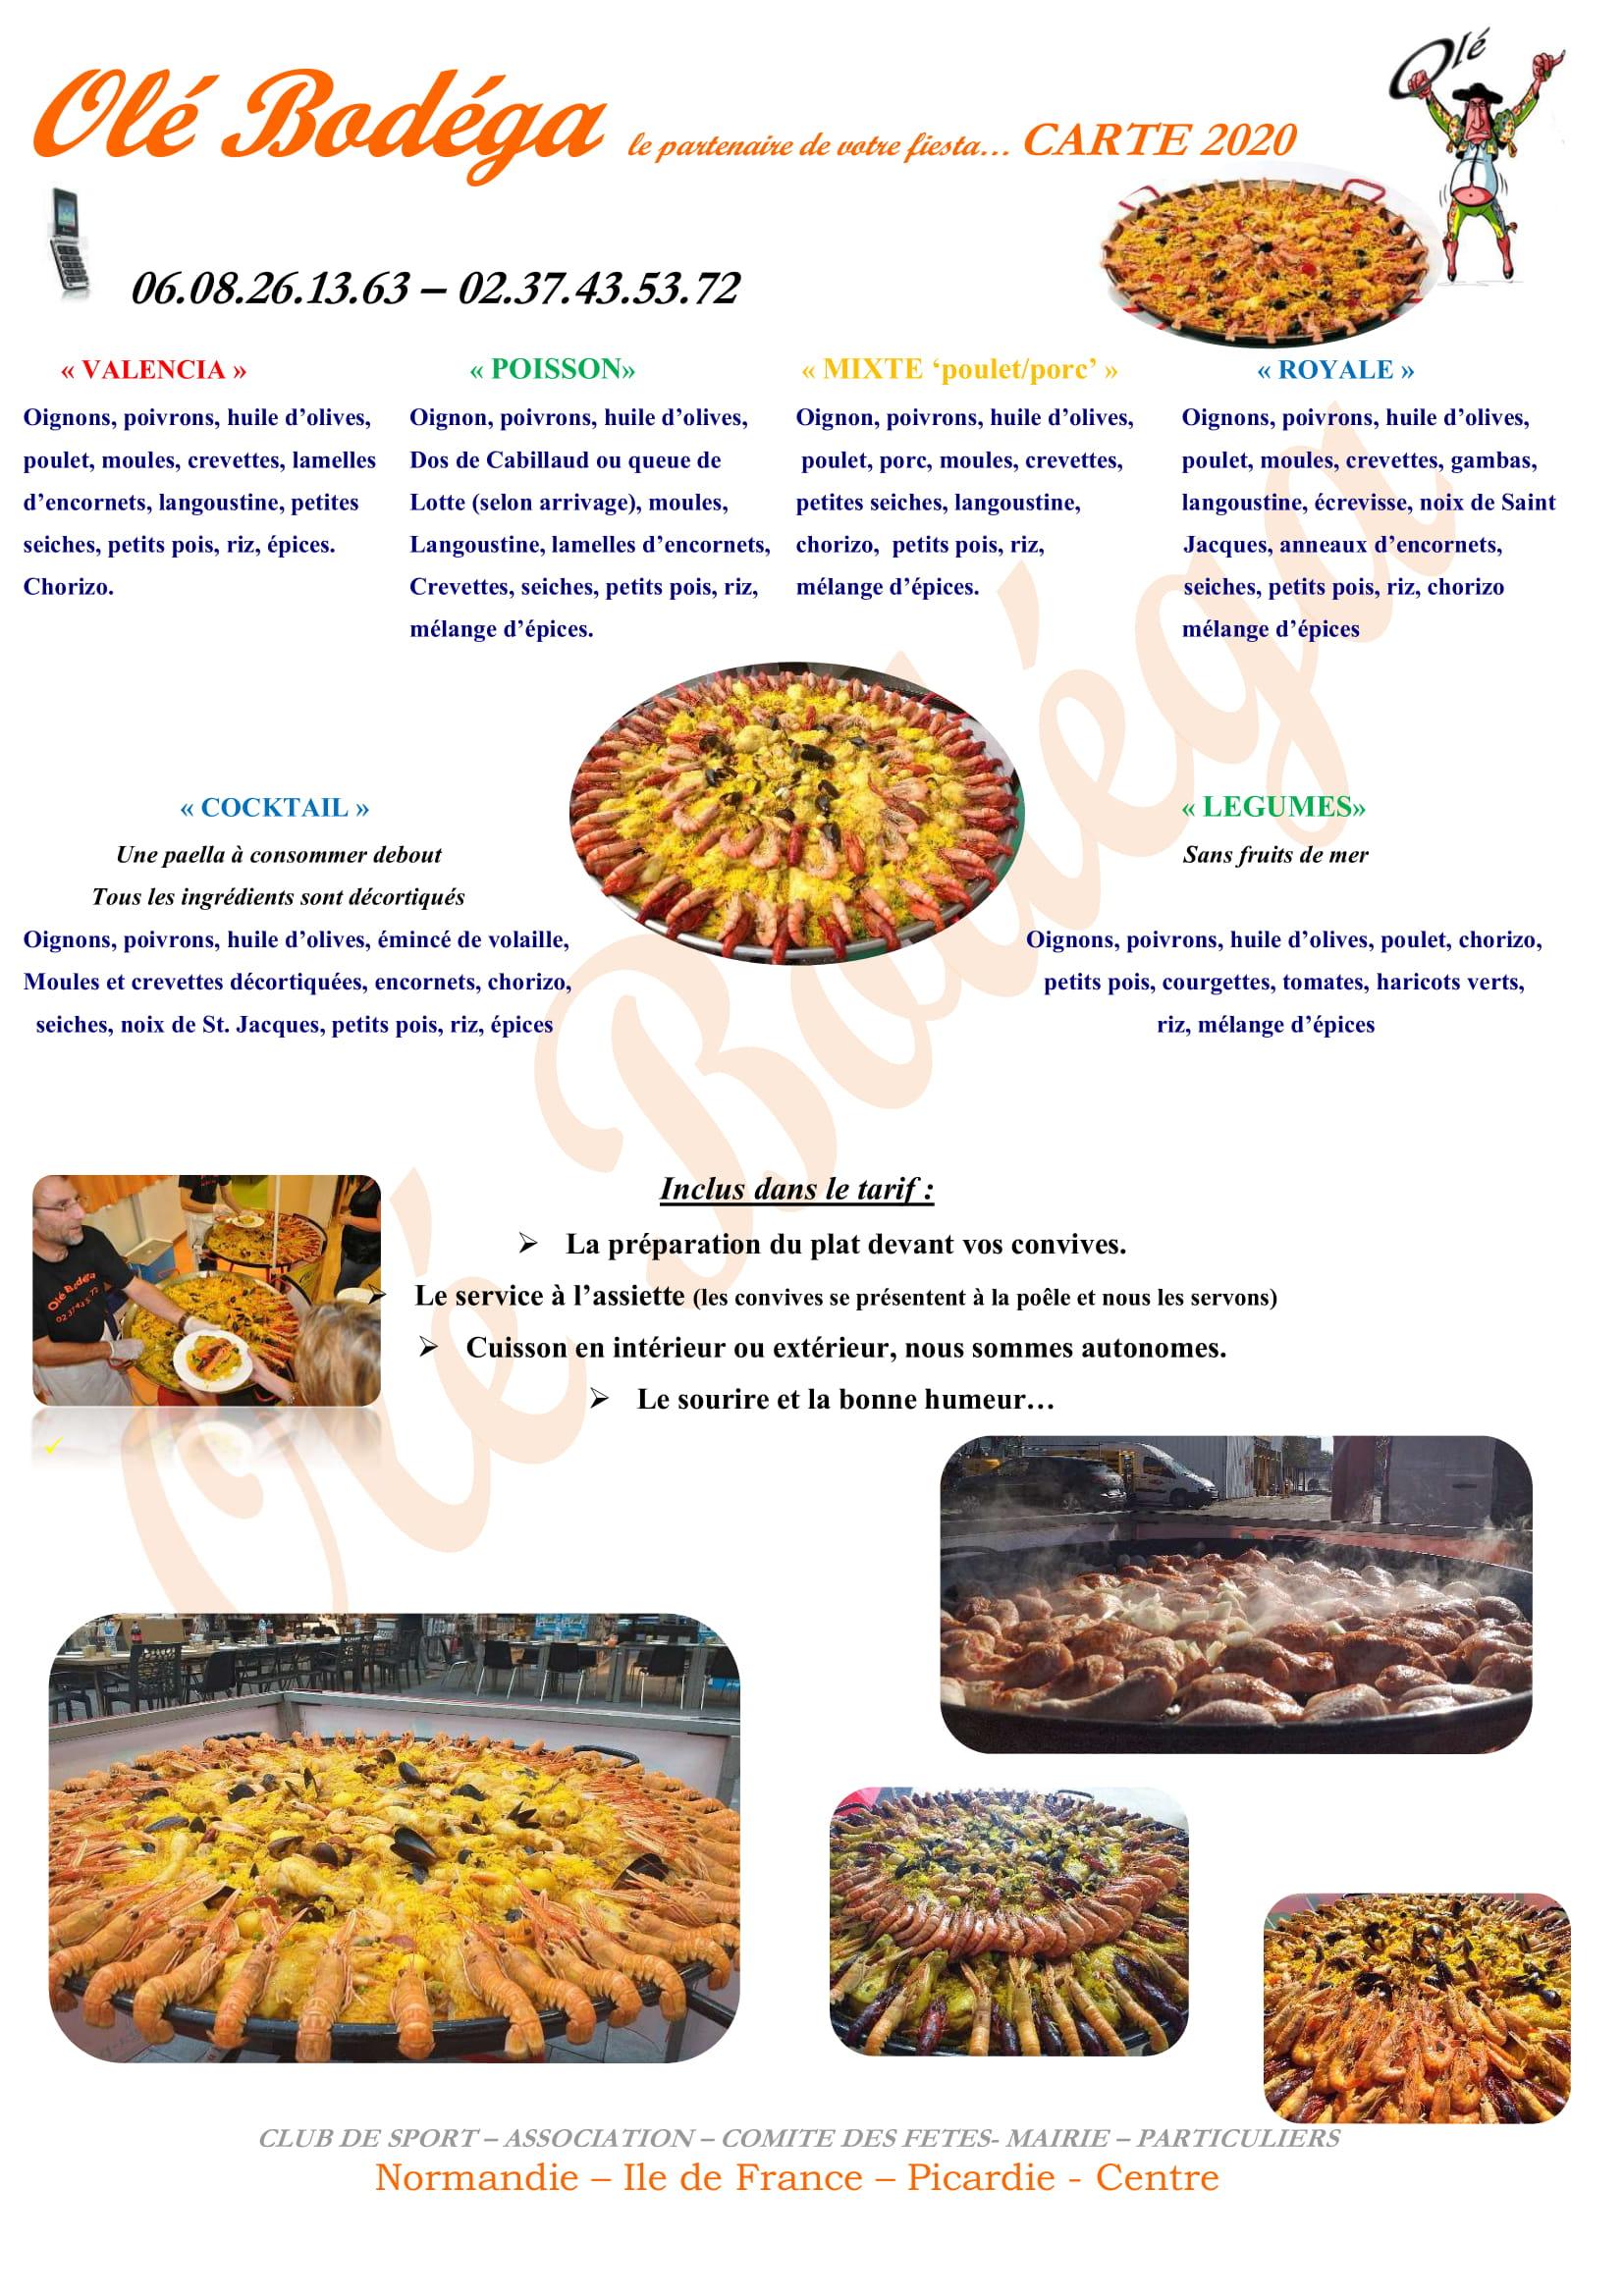 Depuis + de 15 ans nous préparons: paella, couscous, jambalaya, Colombo etc...pour vos manifestations sportives, professionnelles, personnelles